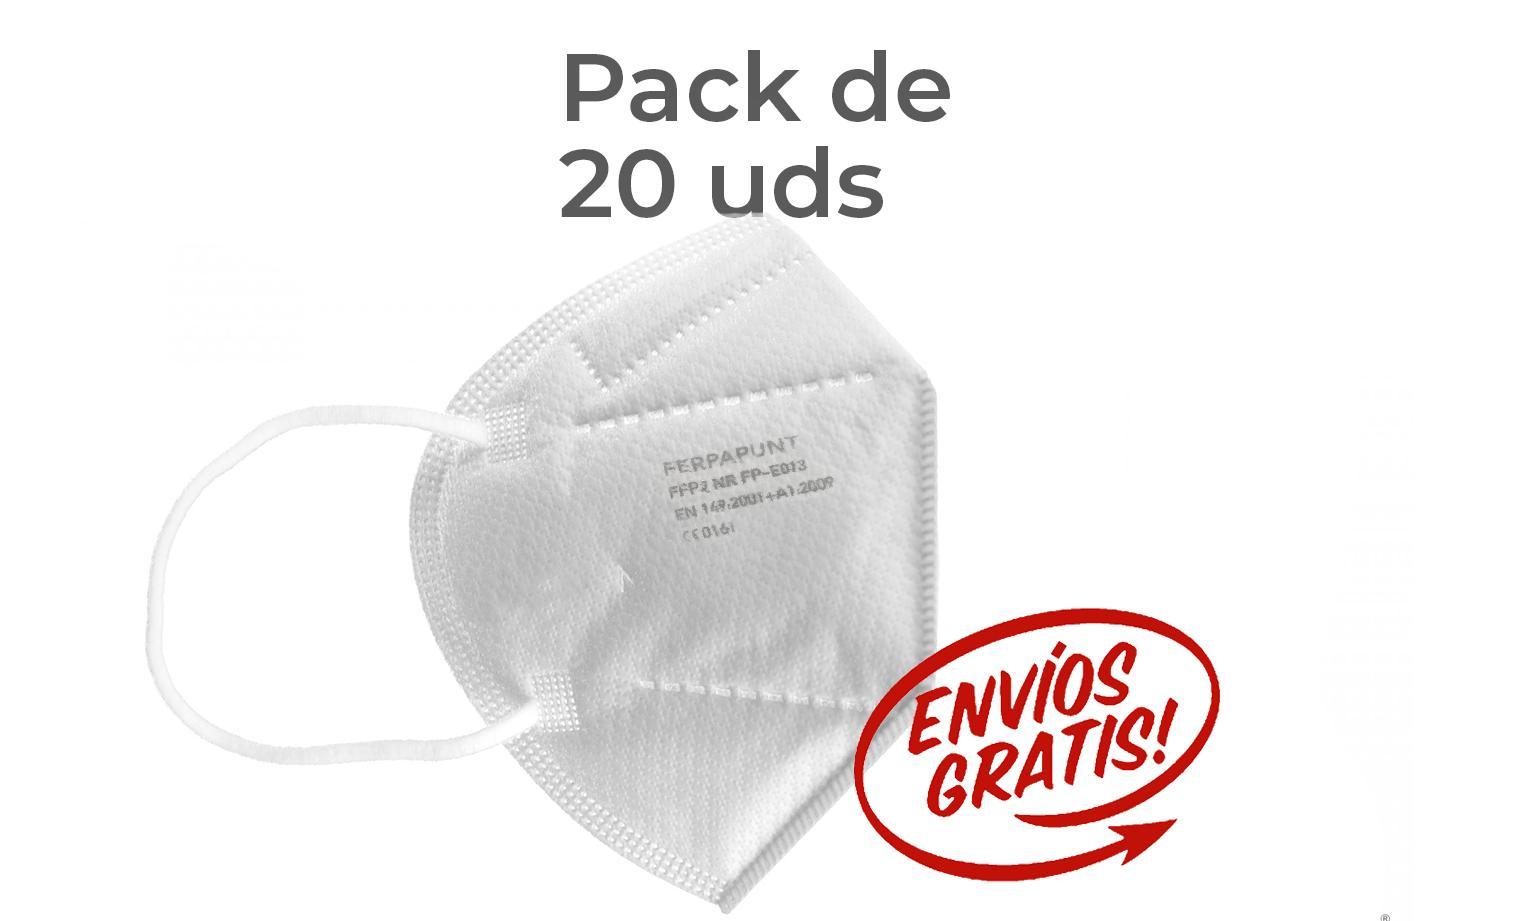 FFP2 NR Ferpa Punt Pack 20 *PORTES GRATIS*